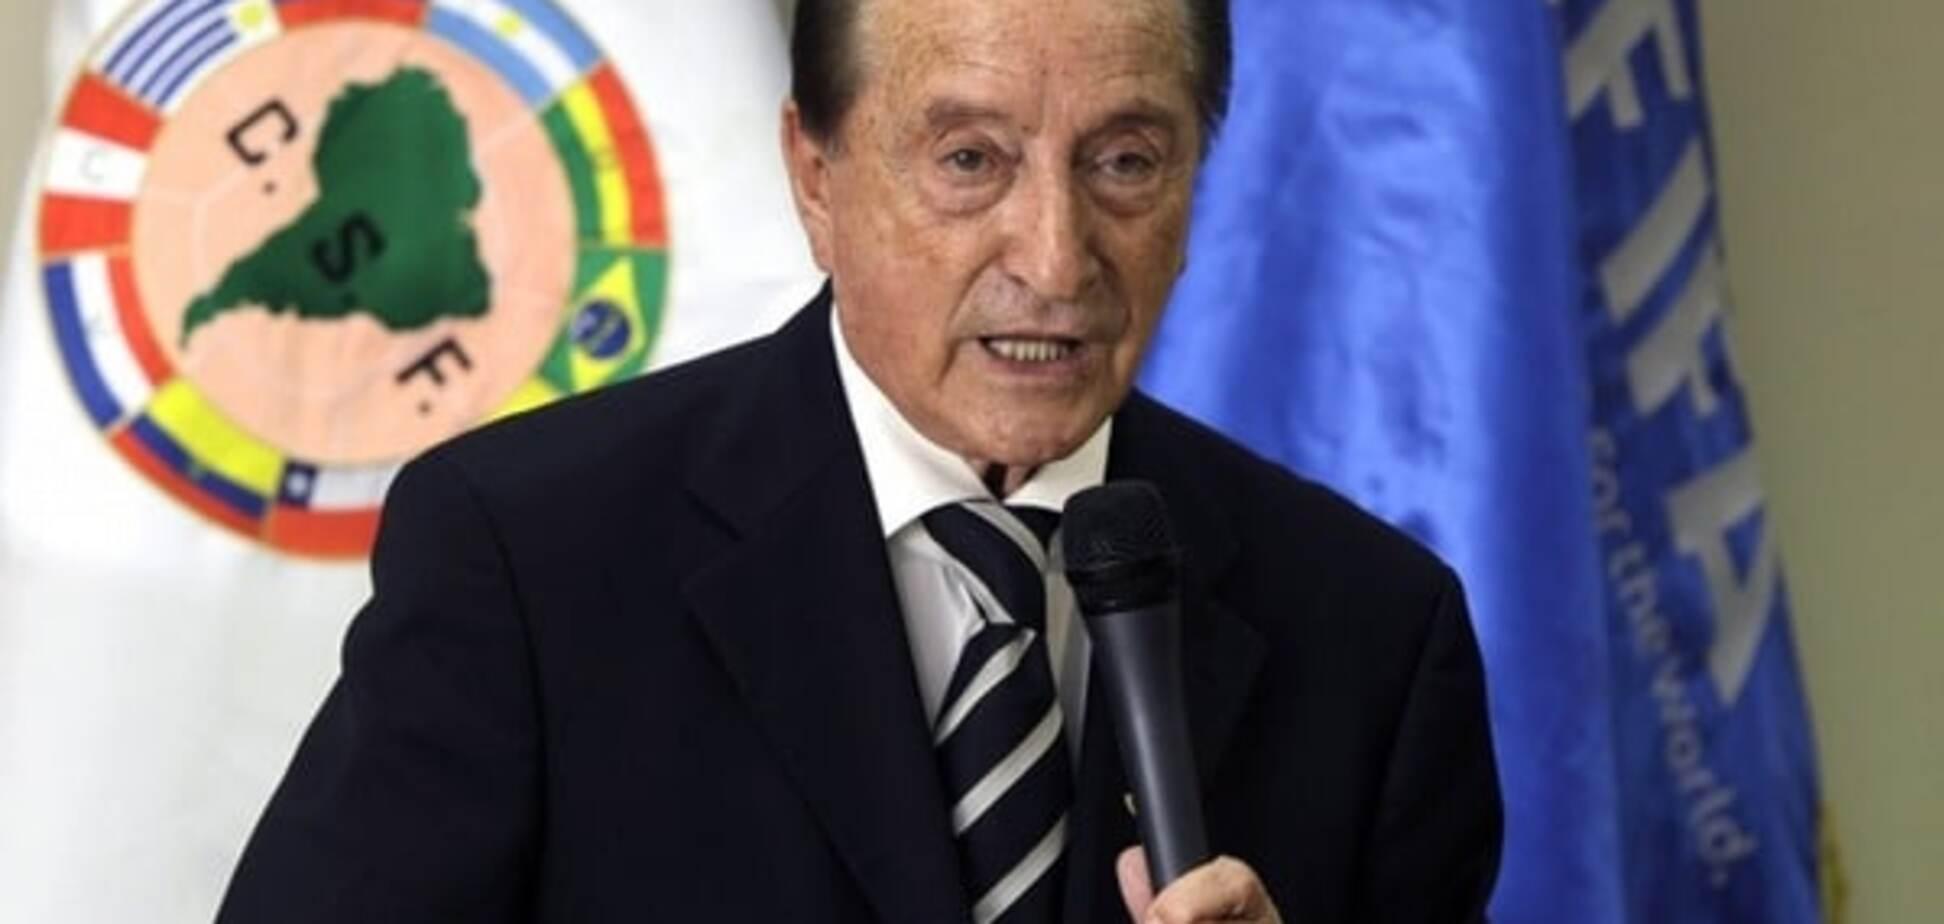 Вице-президенту ФИФА грозит 15 лет тюрьмы